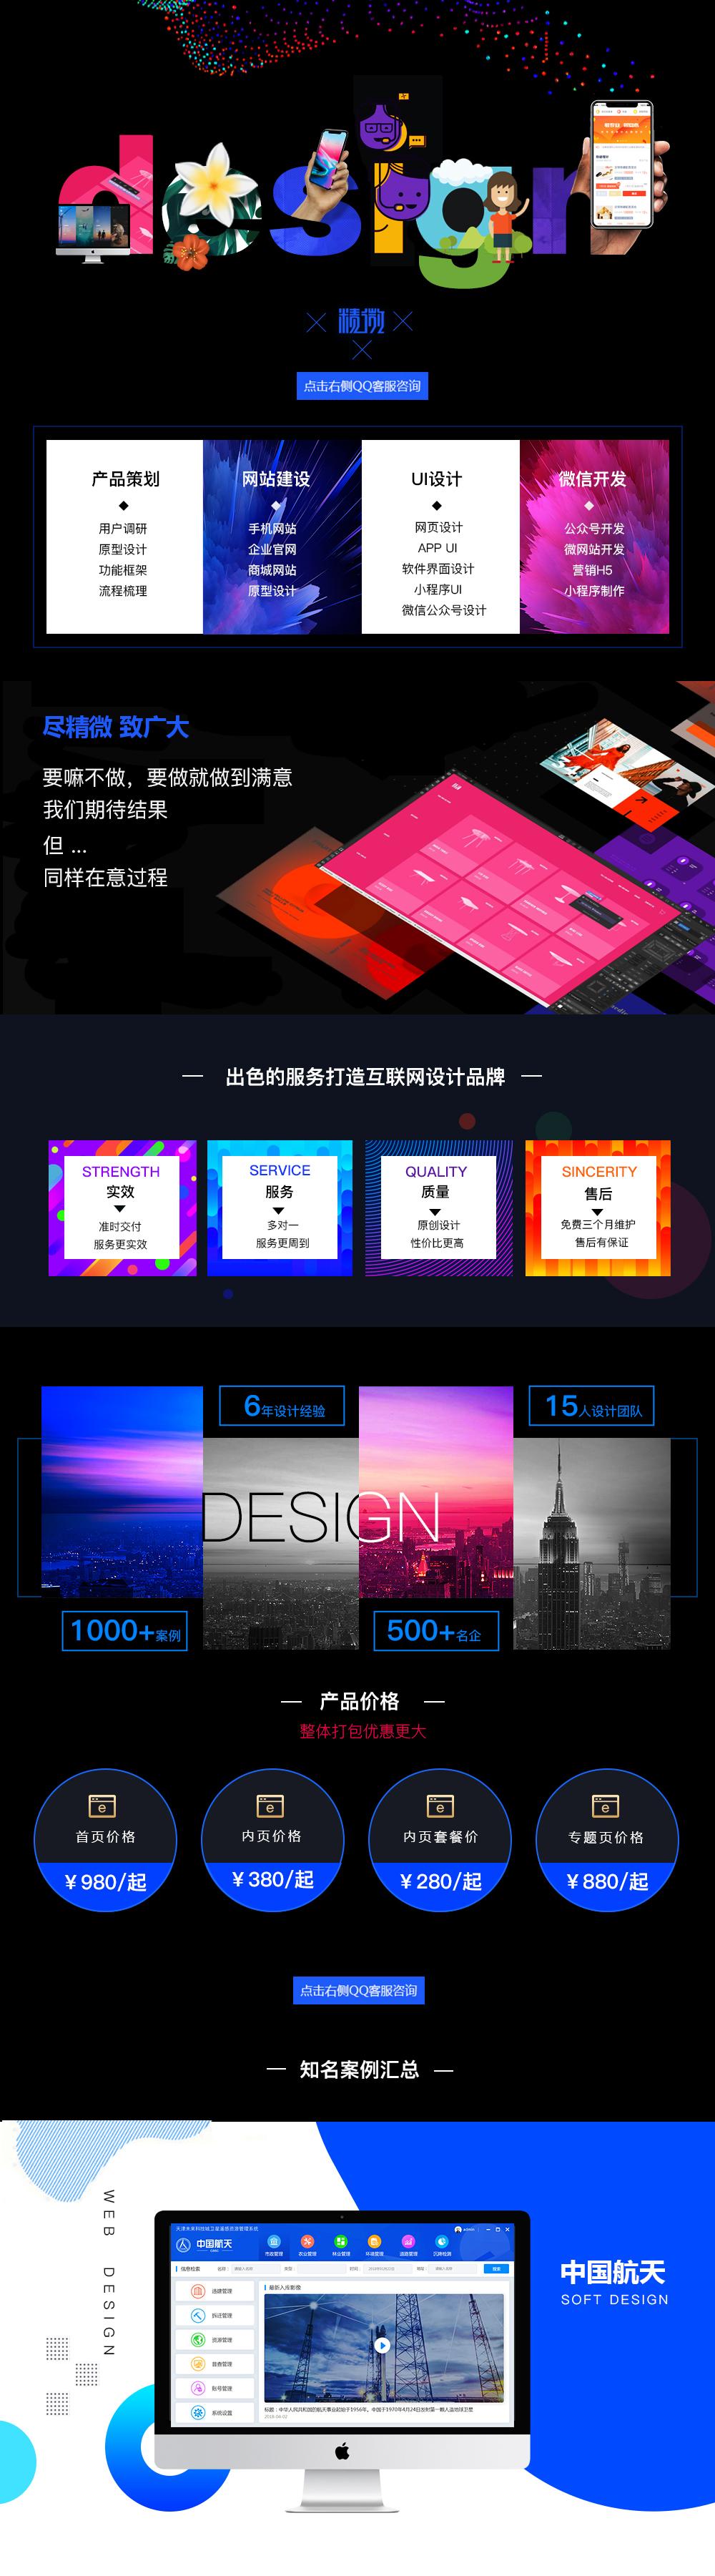 _APP设计小程序设计ui设计h5设计网页设计网站设计网站建设1